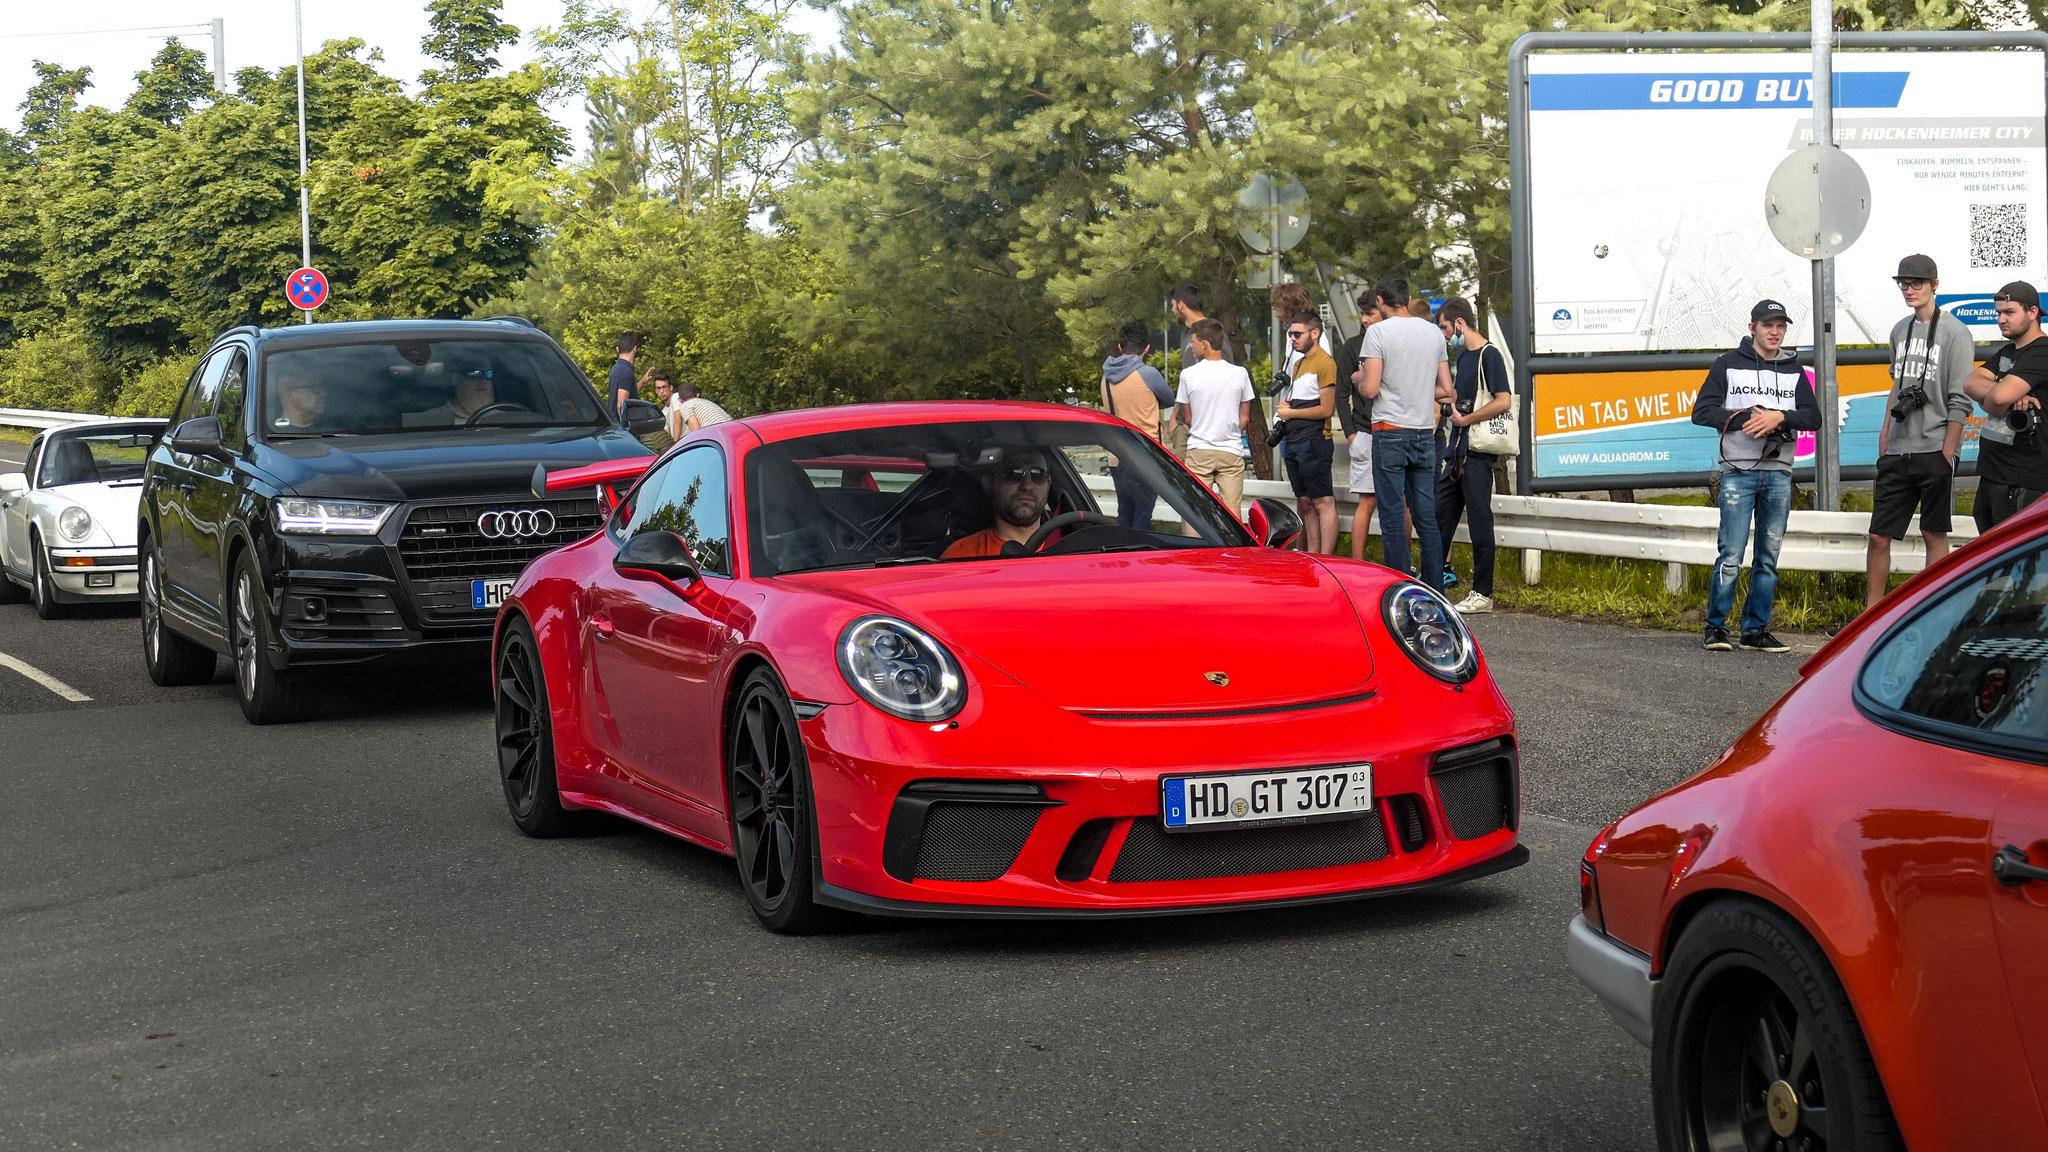 Porsche 991 GT3 - HD-GT-307